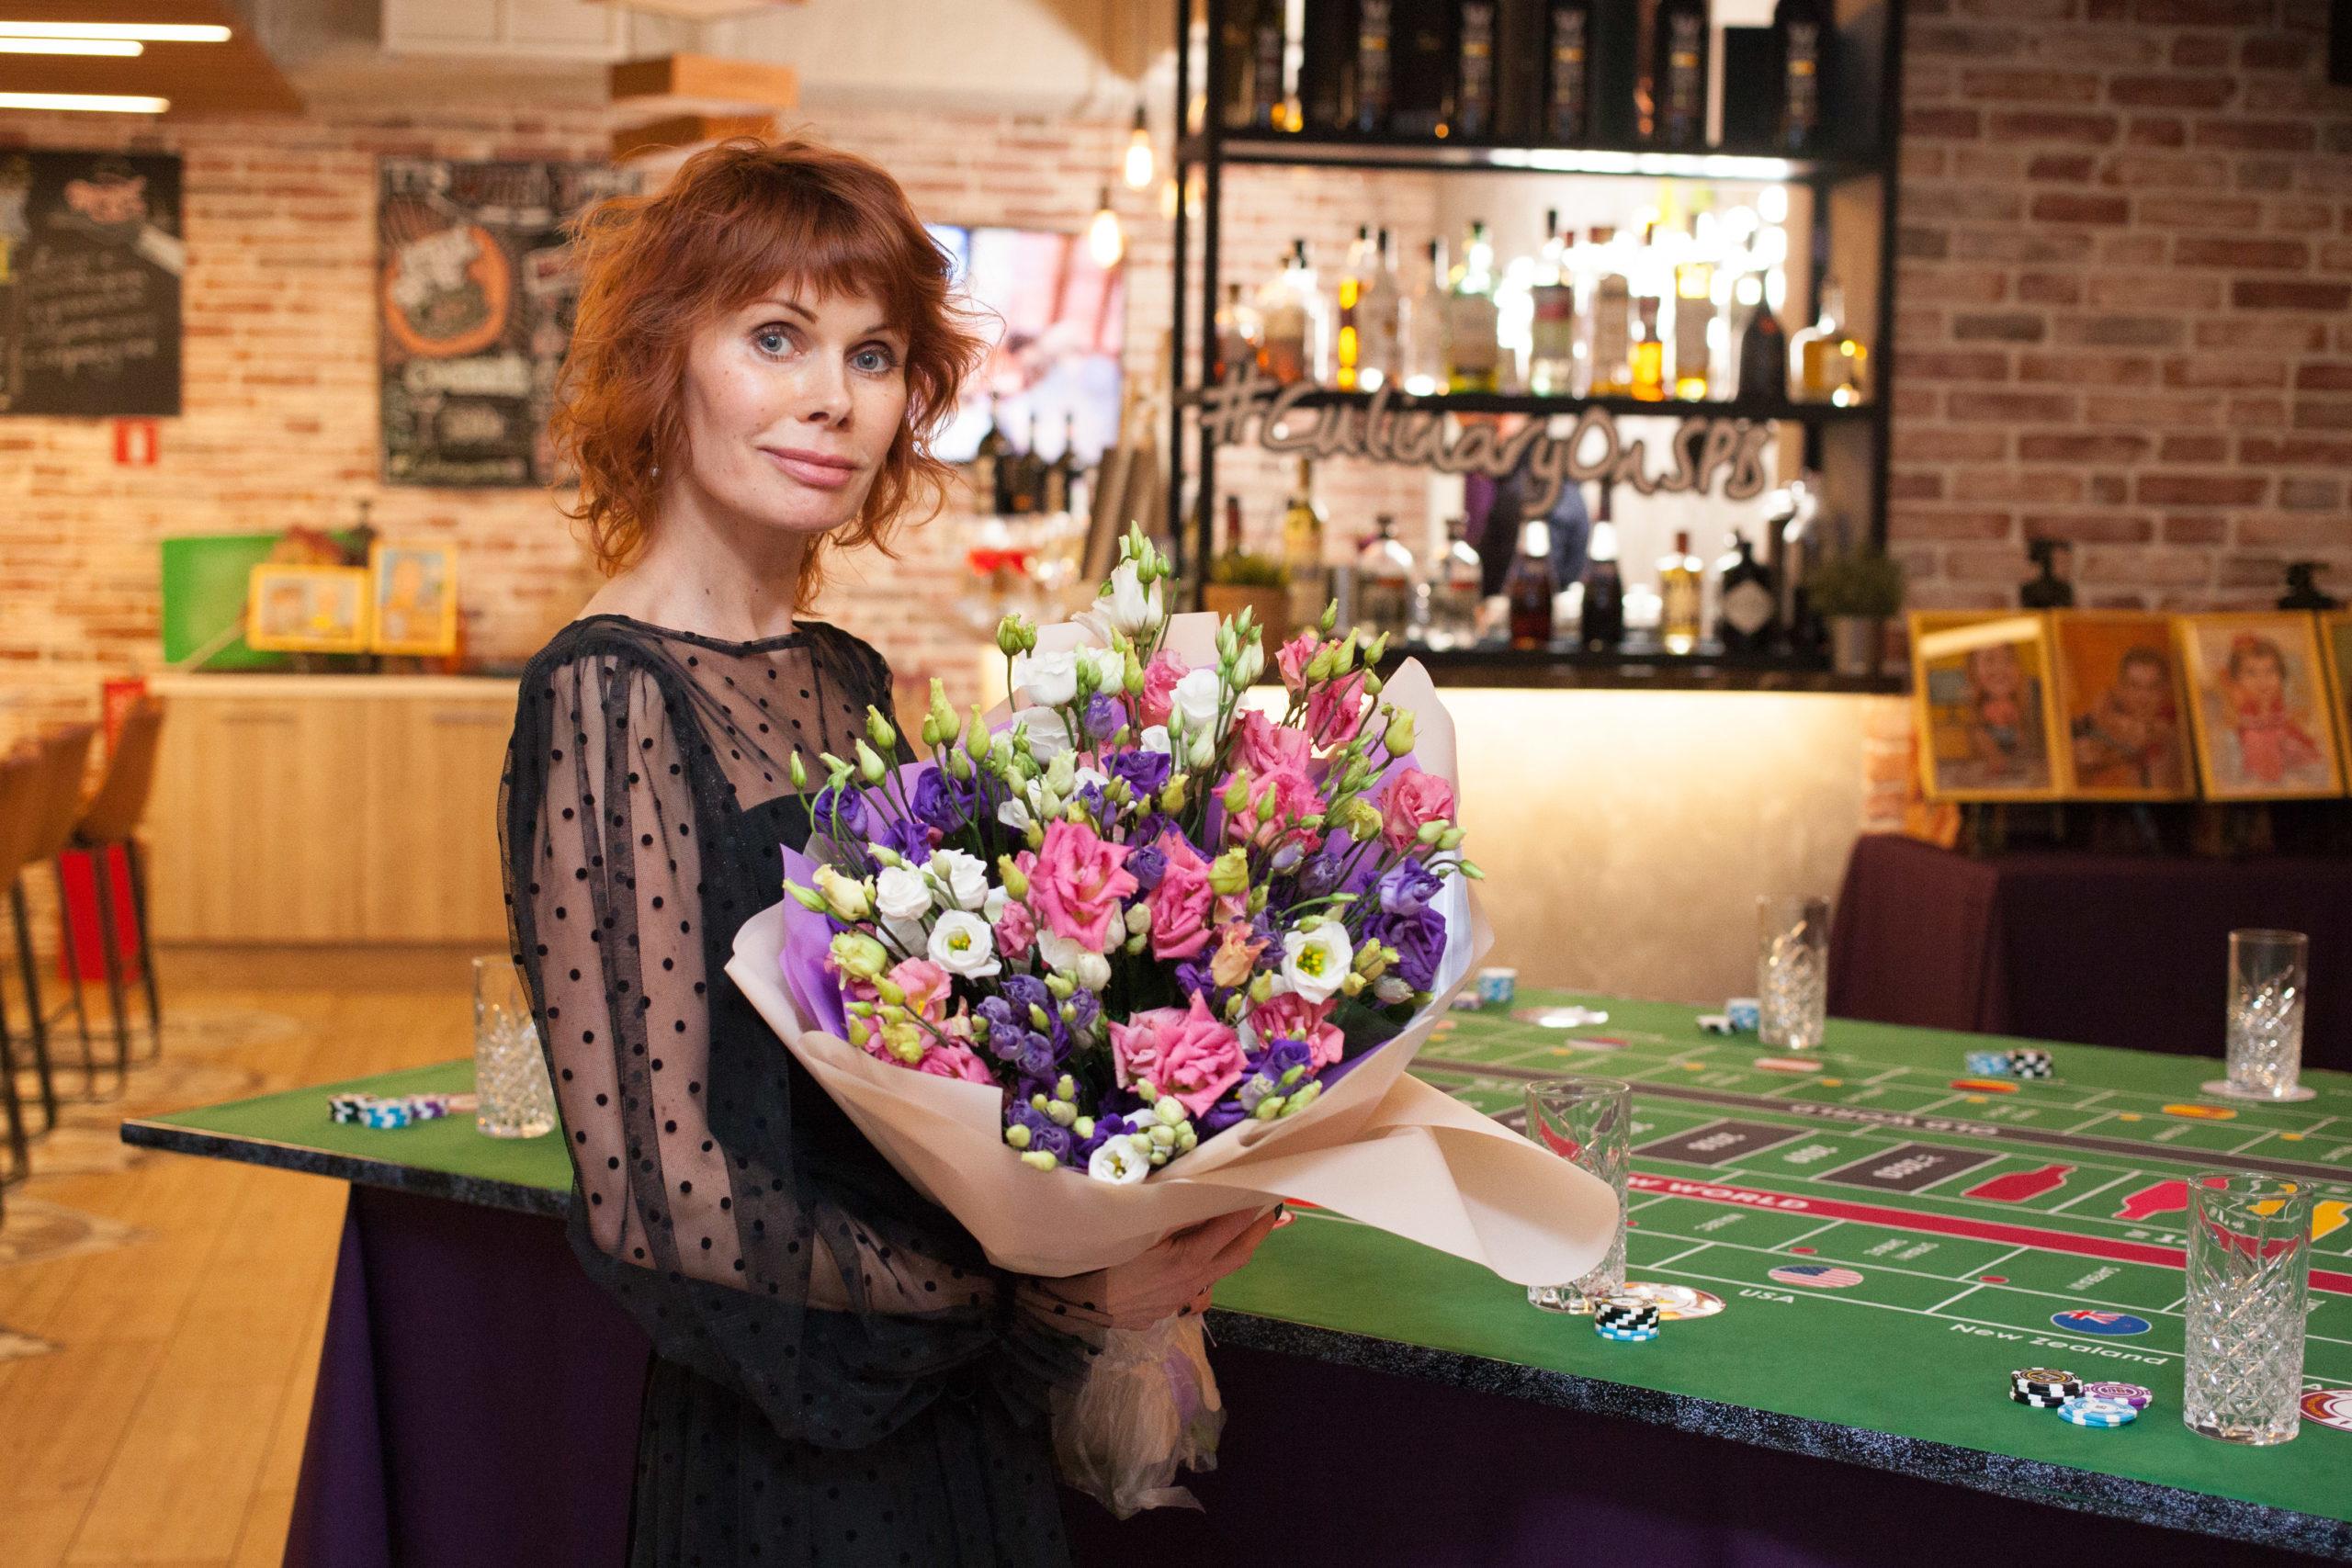 Анастасия Рябухина директор БК-Консалтинг